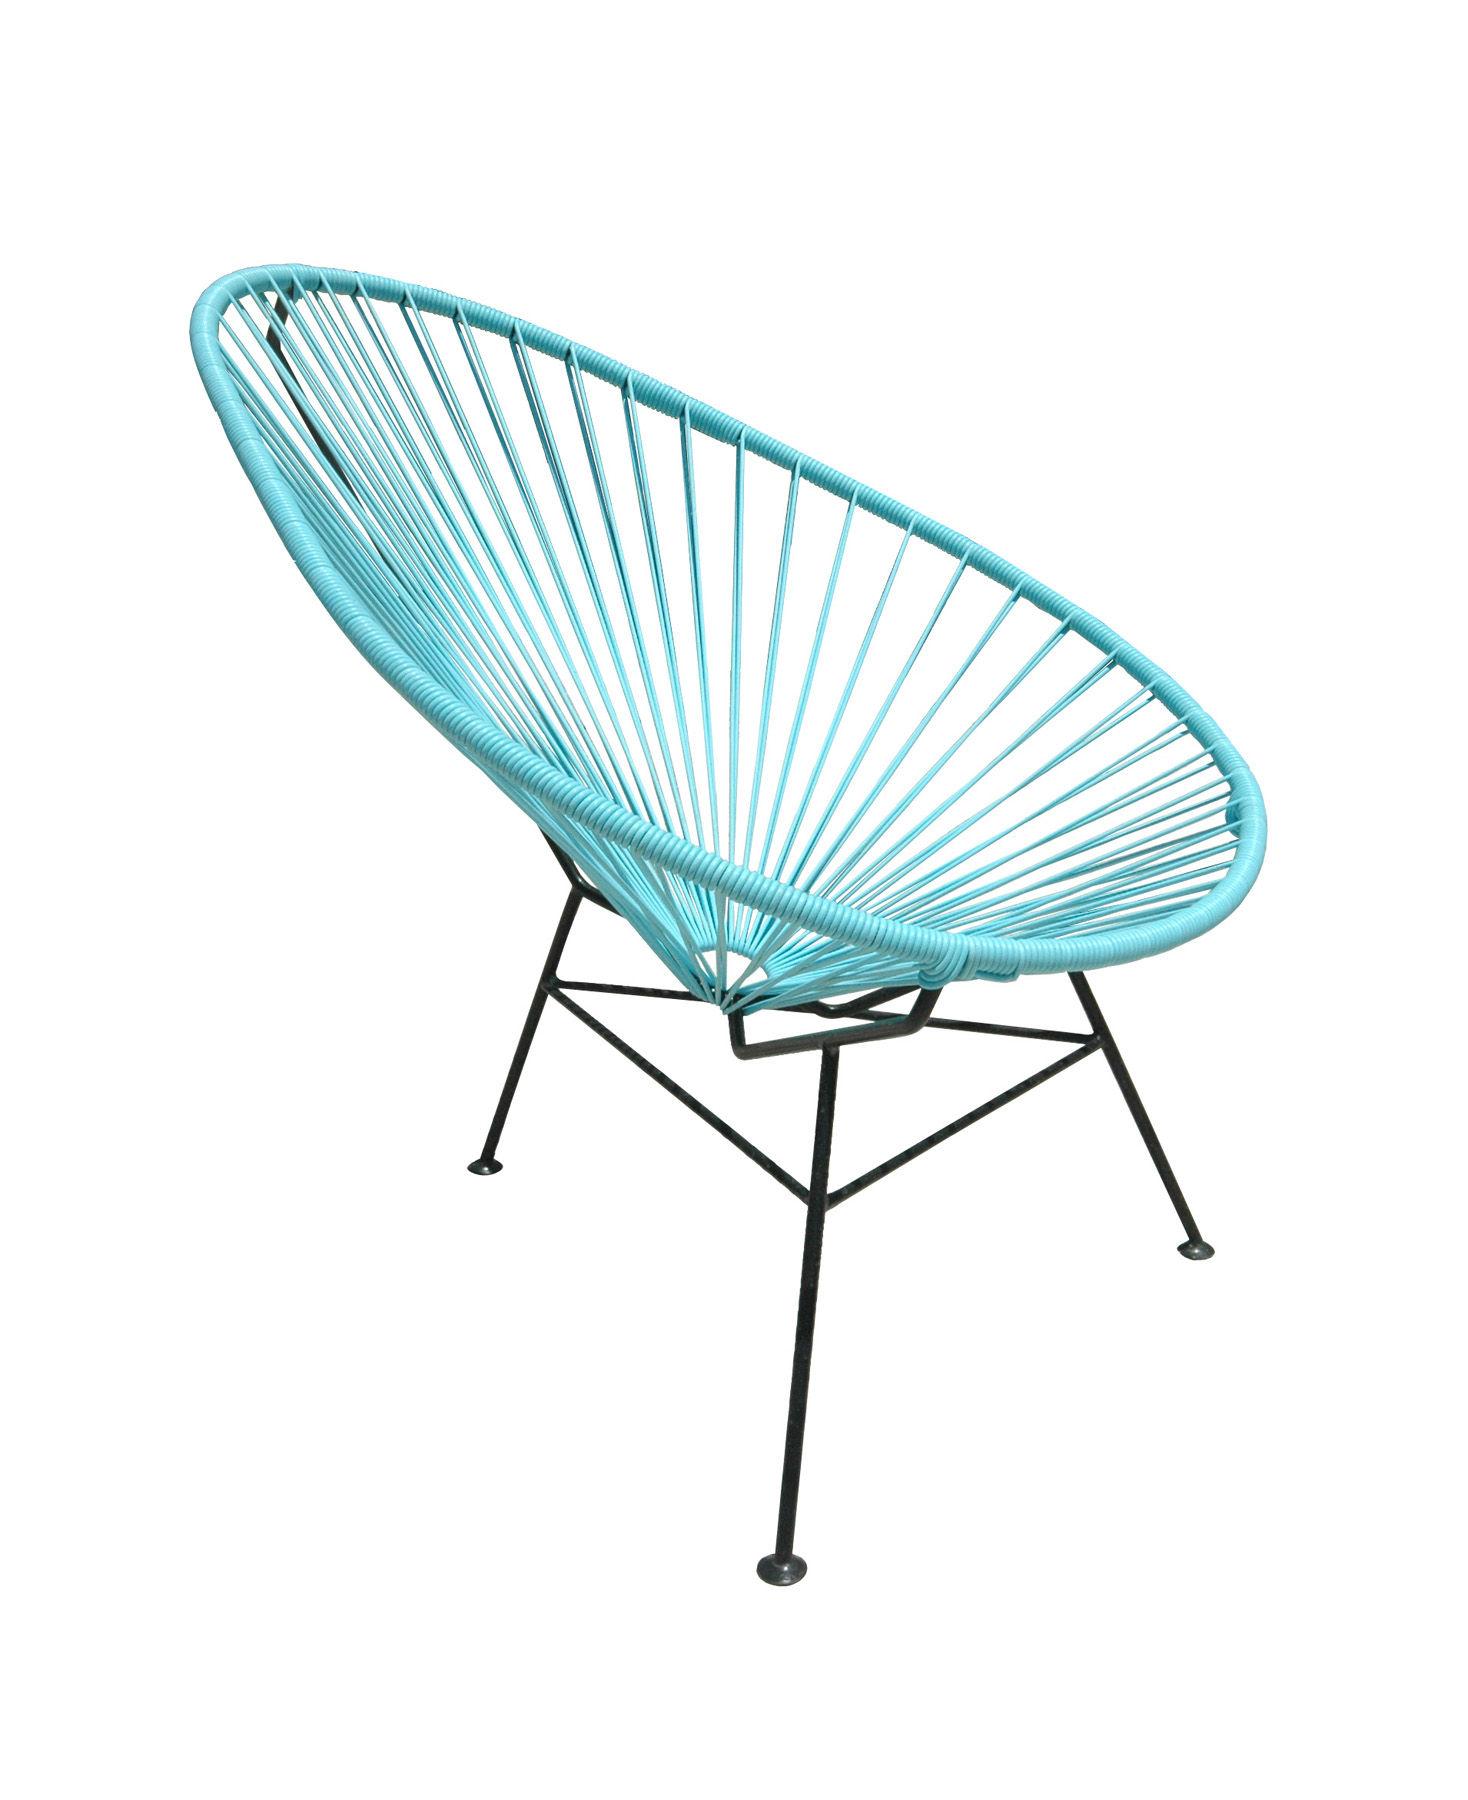 fauteuil enfant mini acapulco turquoise ok design pour sentou edition. Black Bedroom Furniture Sets. Home Design Ideas